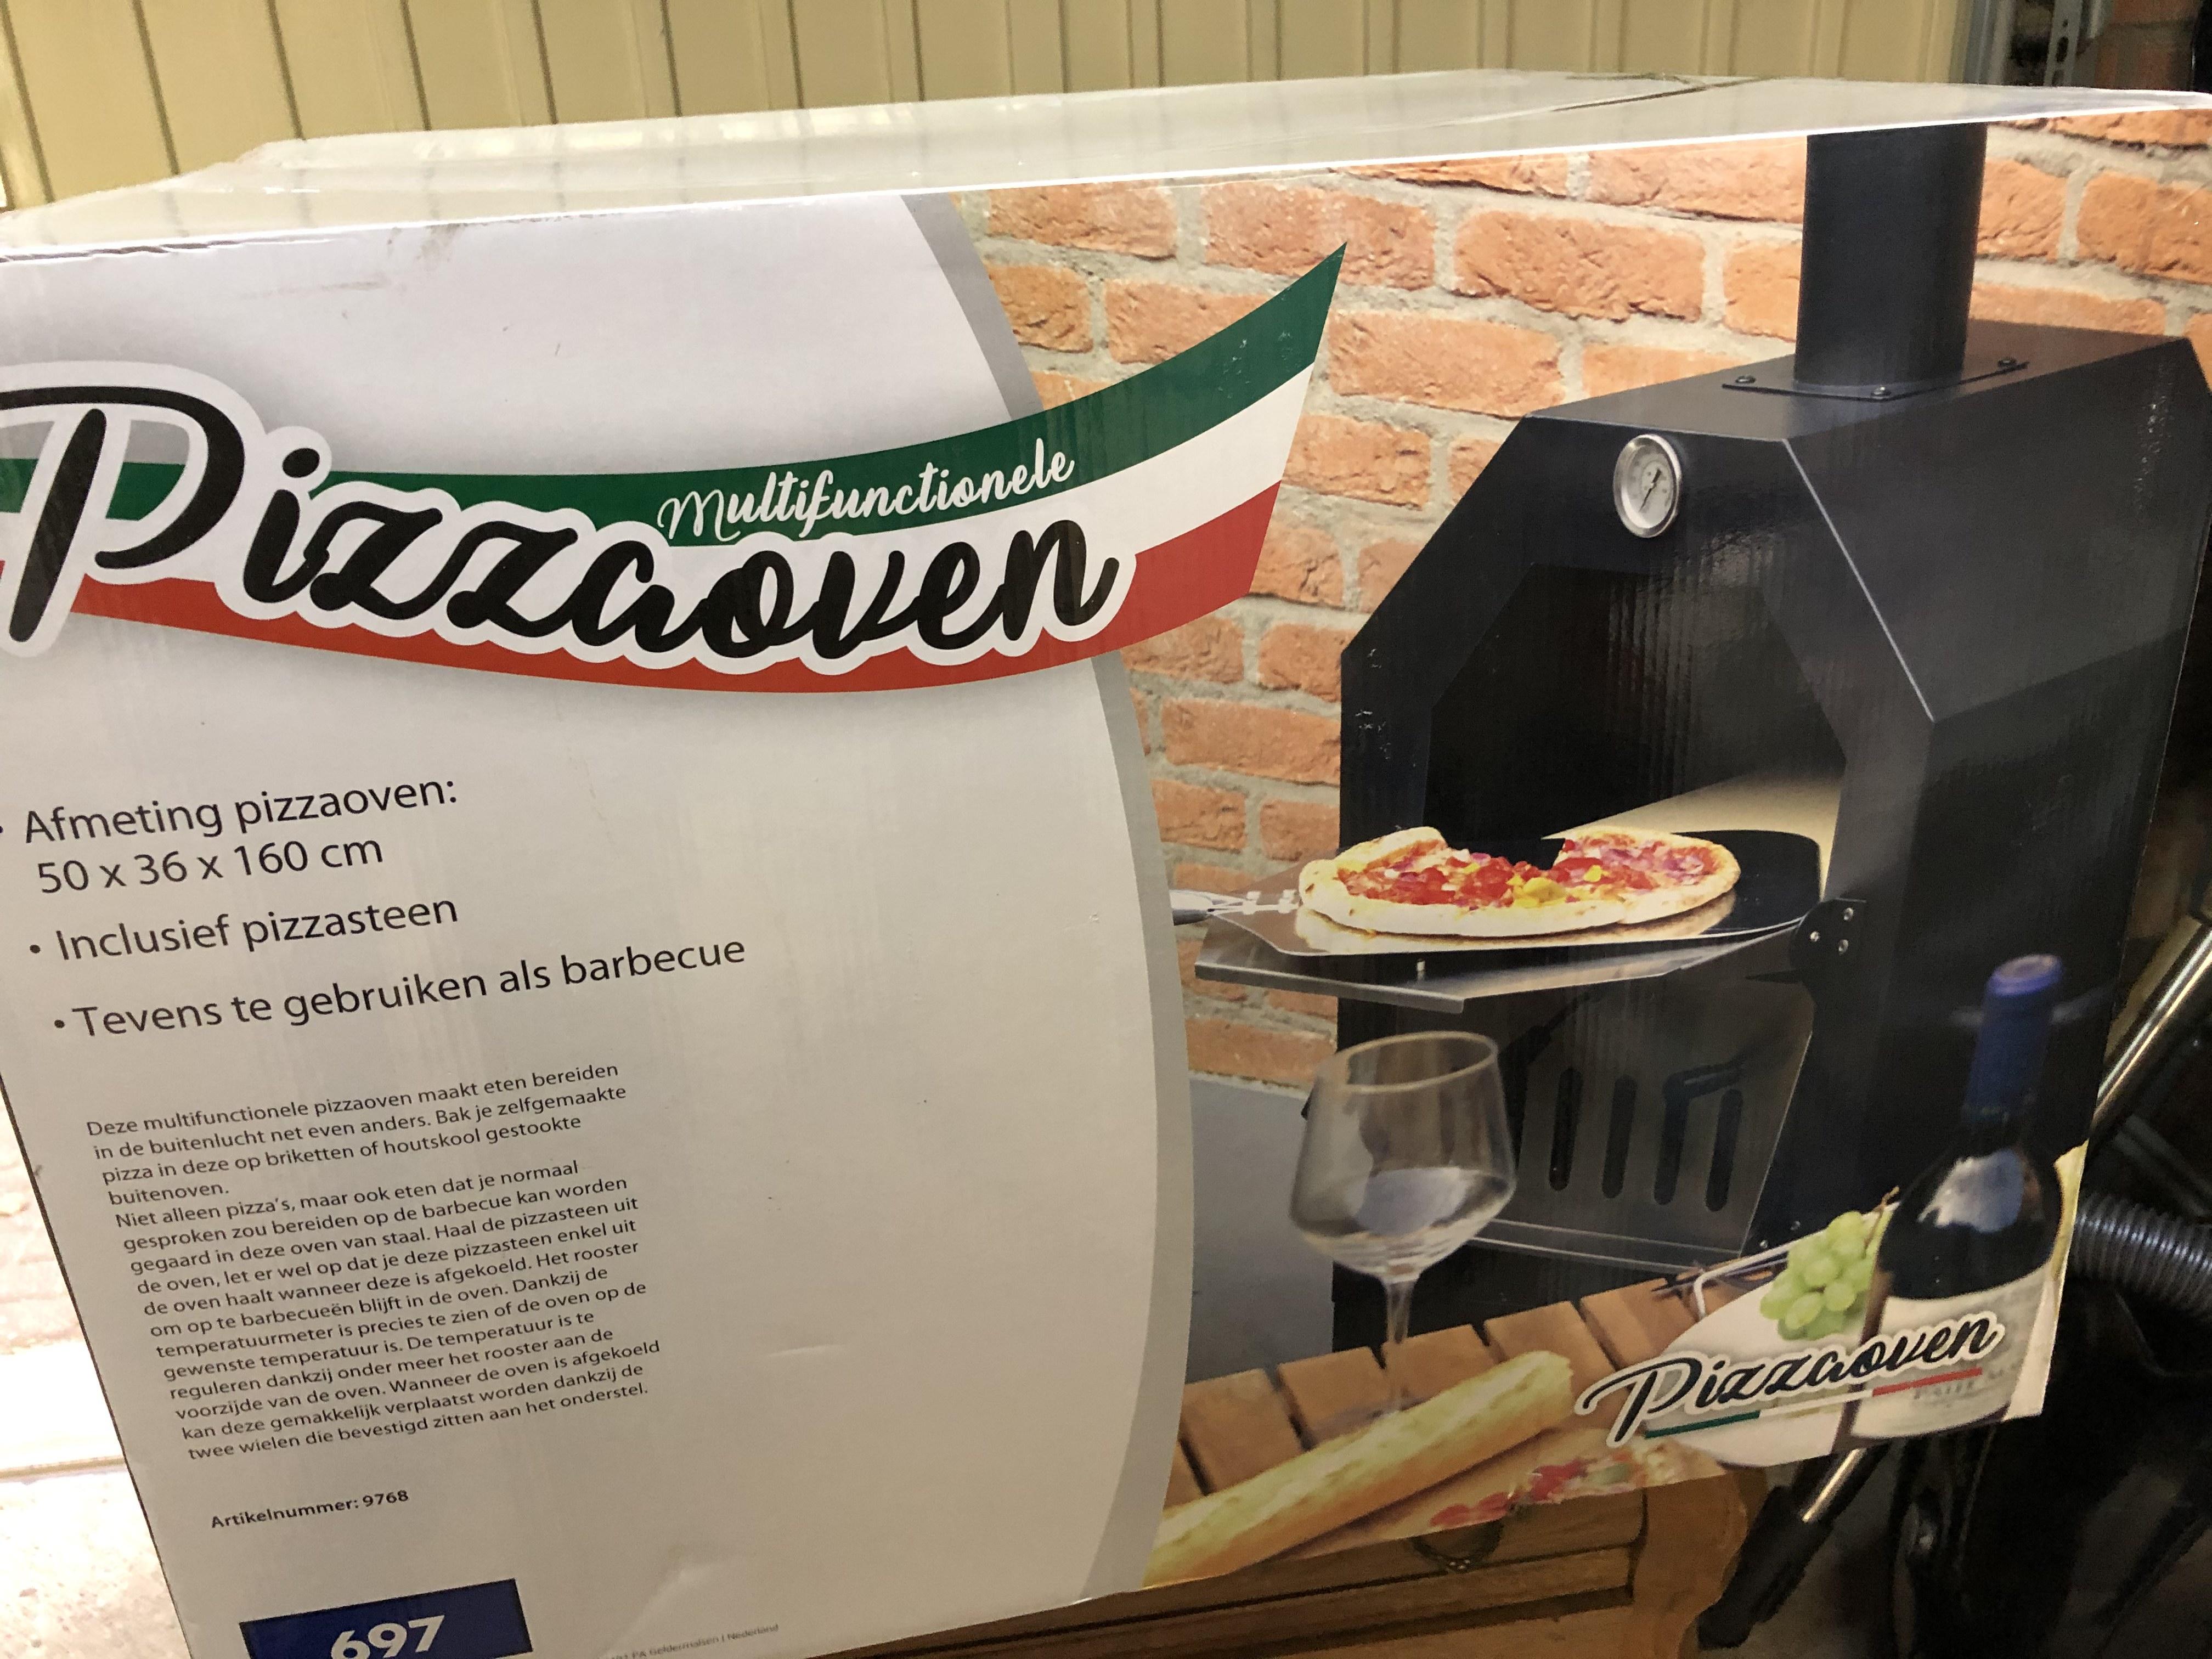 [Roermond] Pizza oven voor €25,- alleen vandaag!